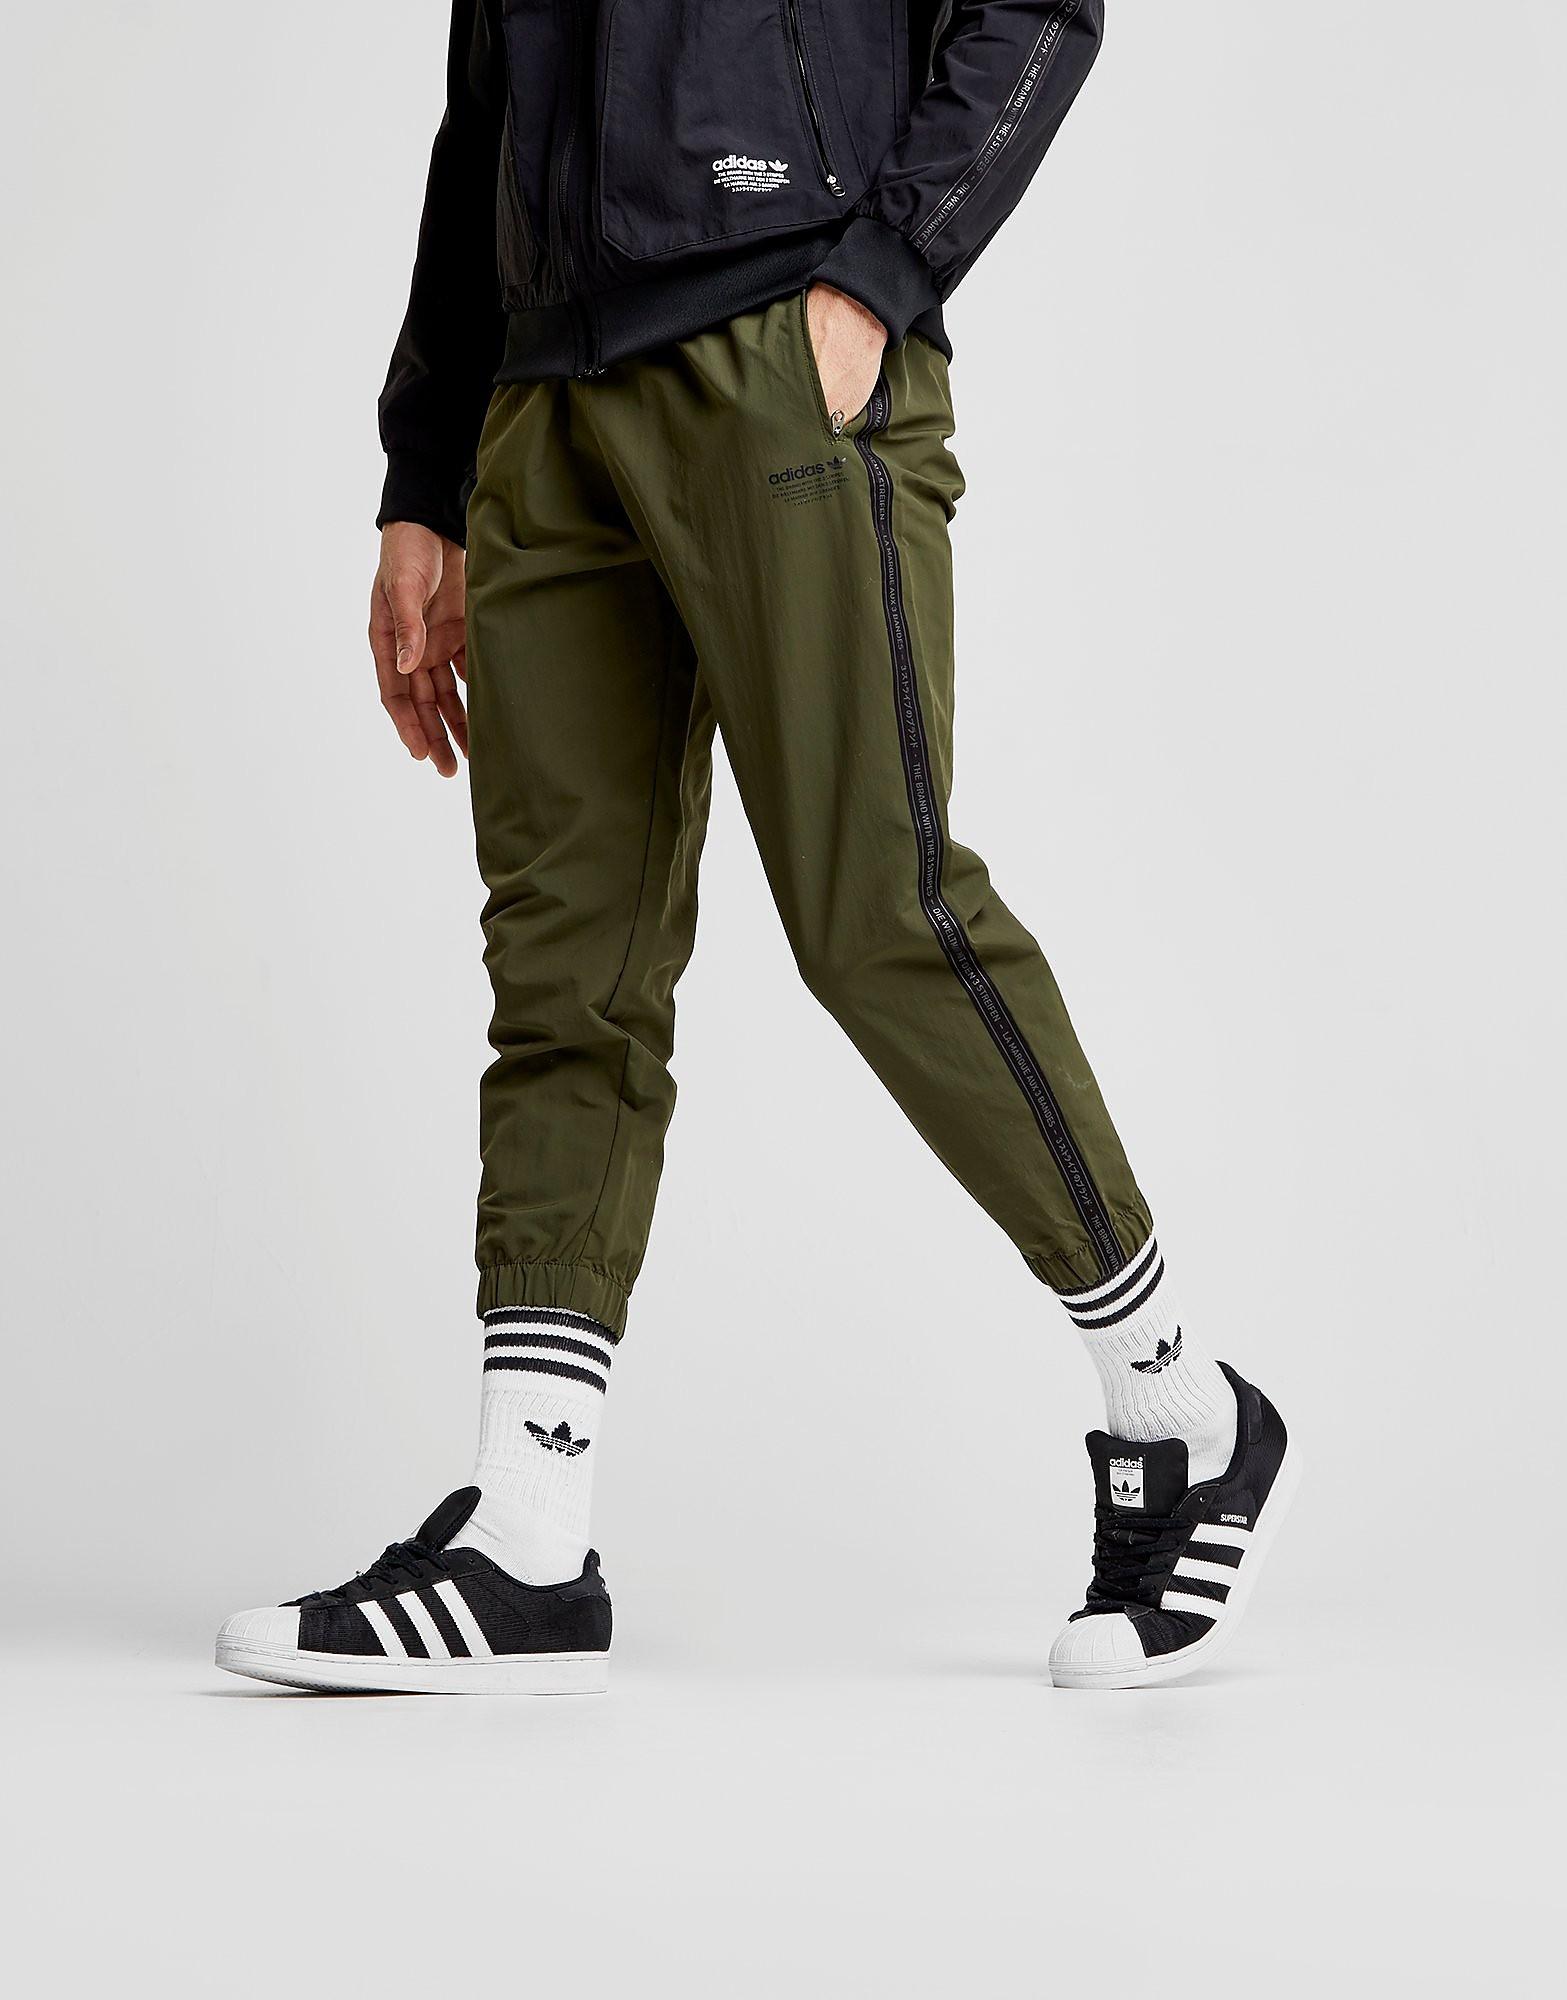 adidas Originals NMD Woven Pants